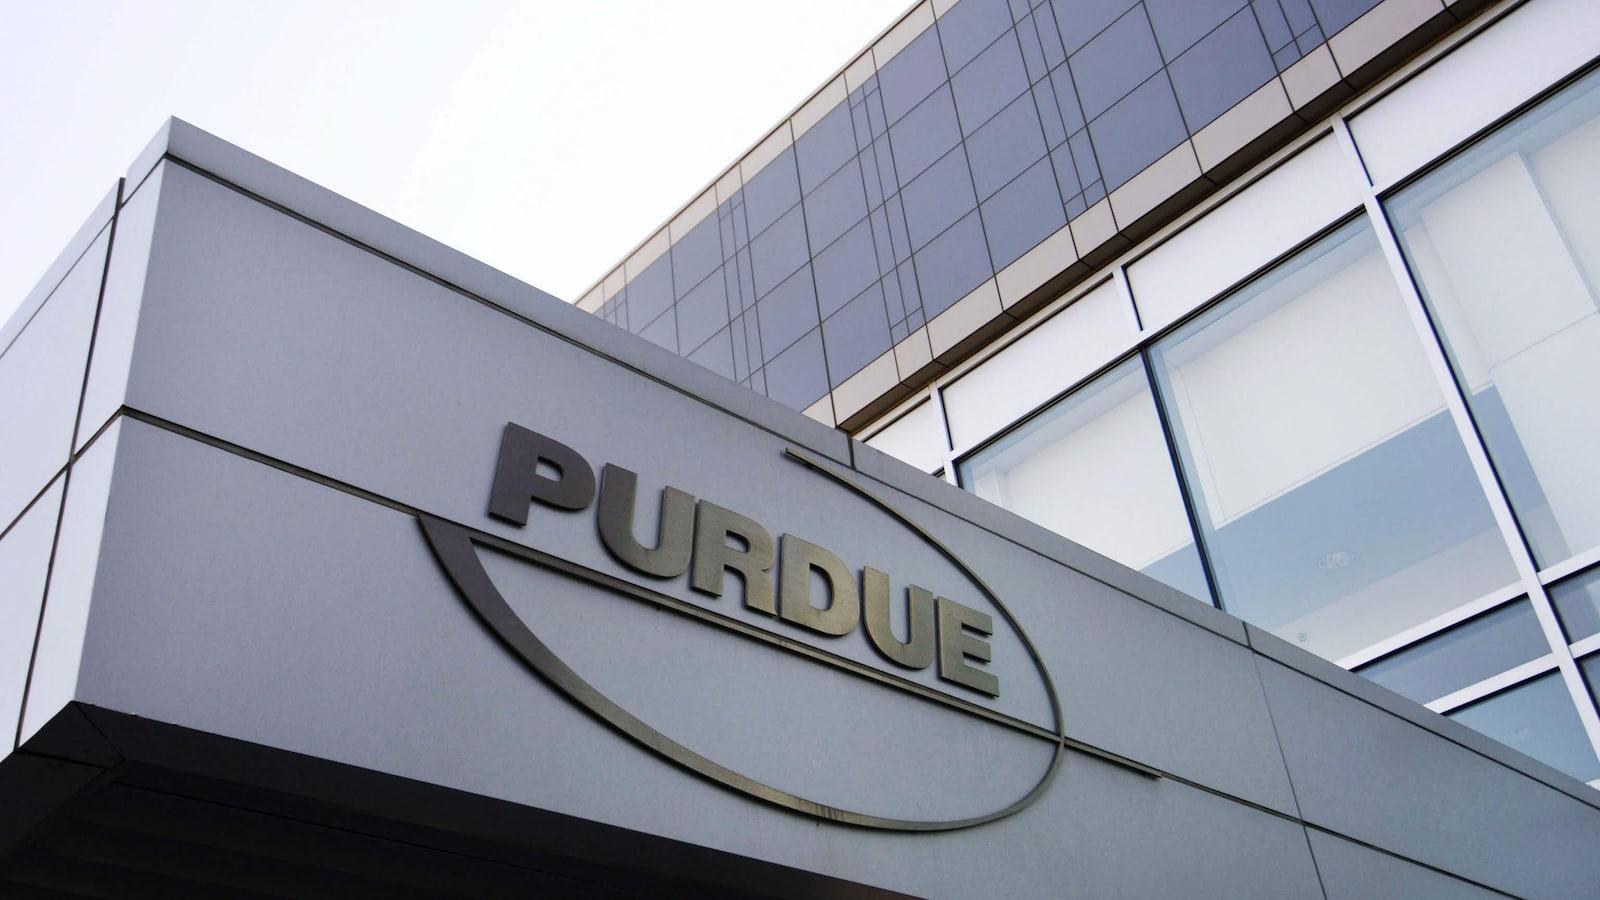 Logo de la compagnie Purdue.